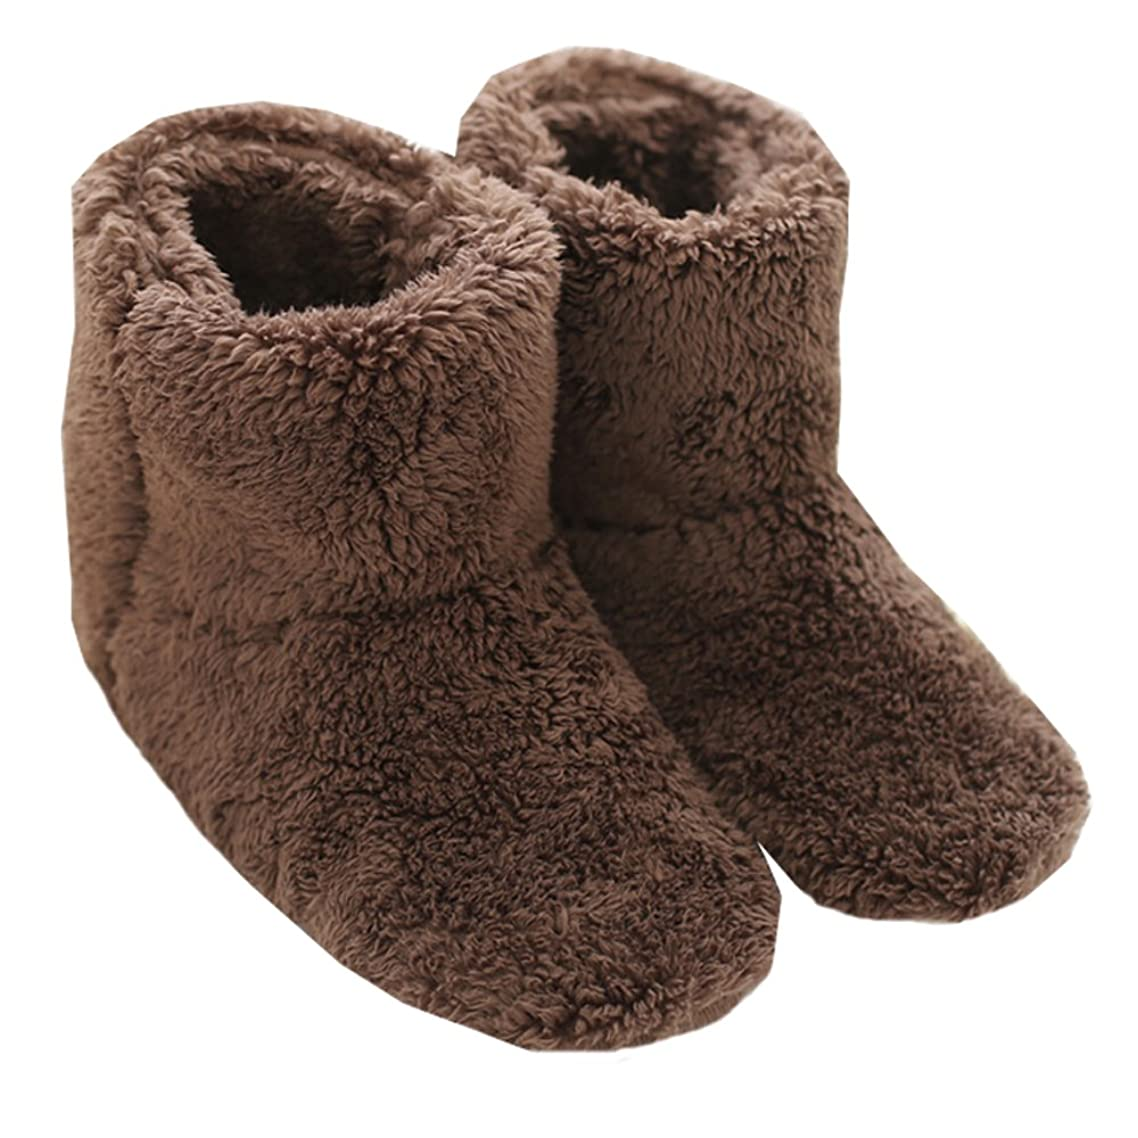 節約する発掘するレルムMianshe 北欧 ルームシューズ もこもこ ルームブーツ 暖かい ボアスリッパ 男女兼用 (ブラウン Lサイズ 27cmくらいまで)